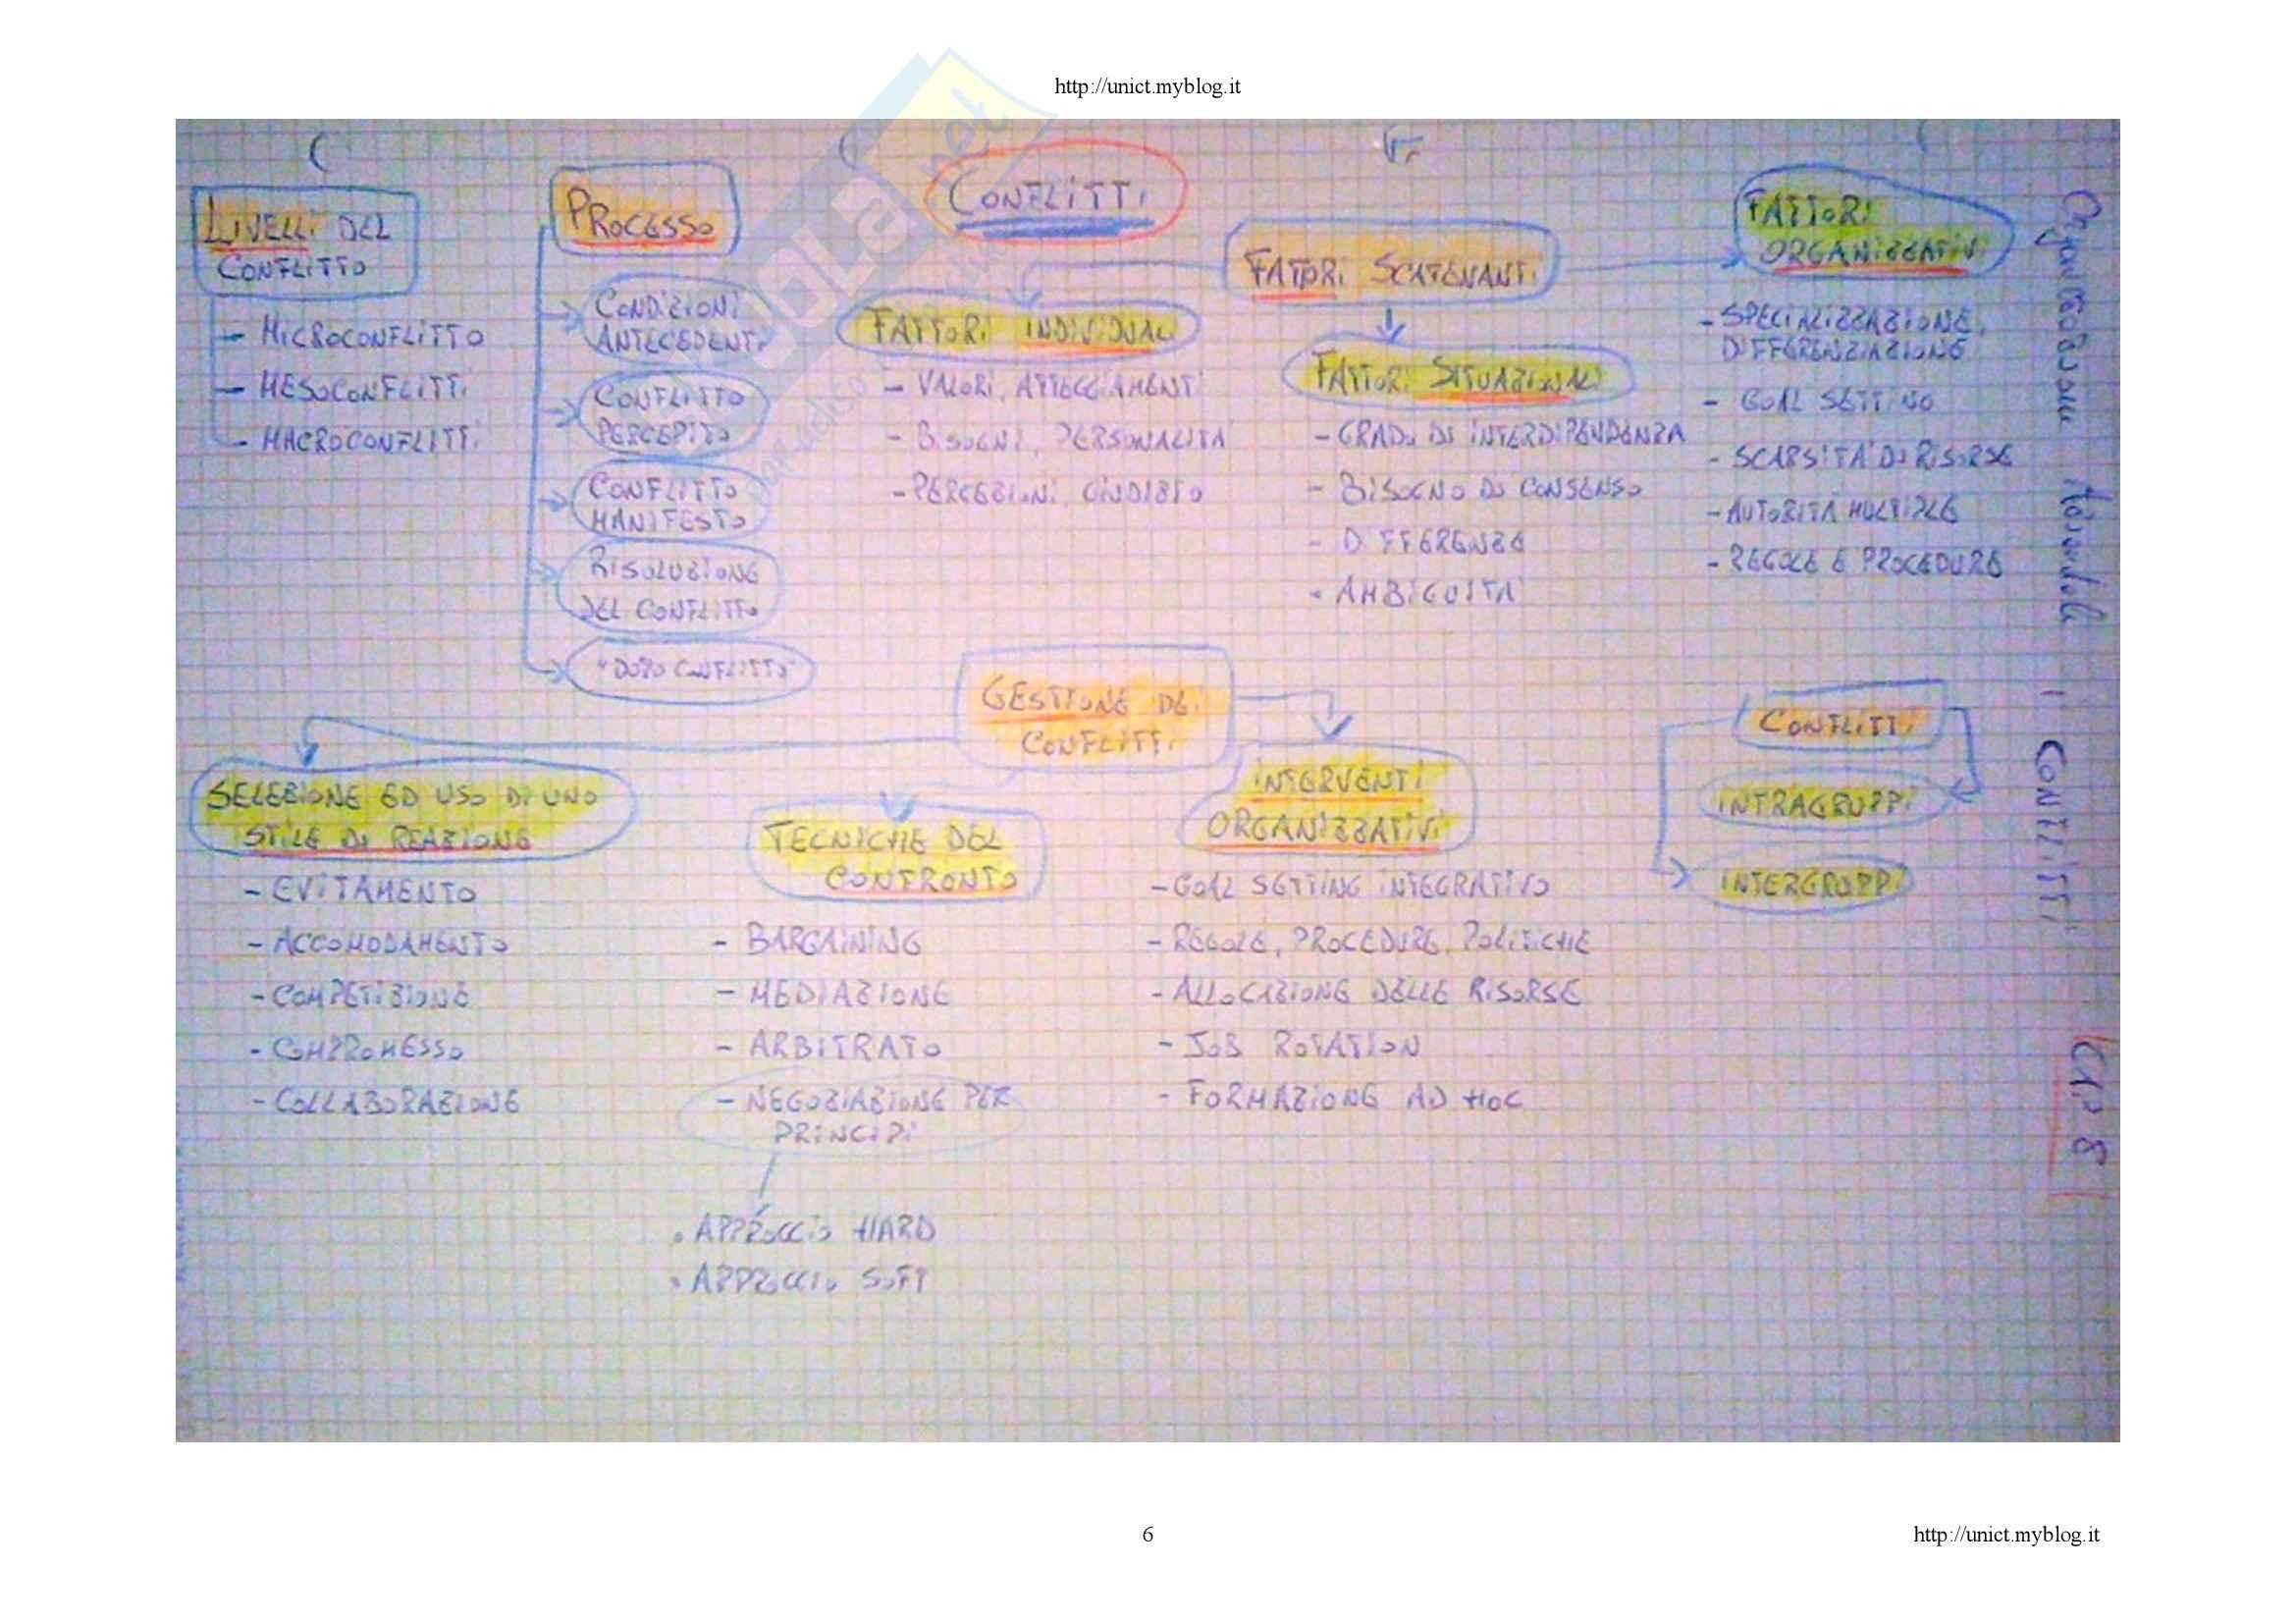 Comportamento organizzativo - le mappe mentali Pag. 6